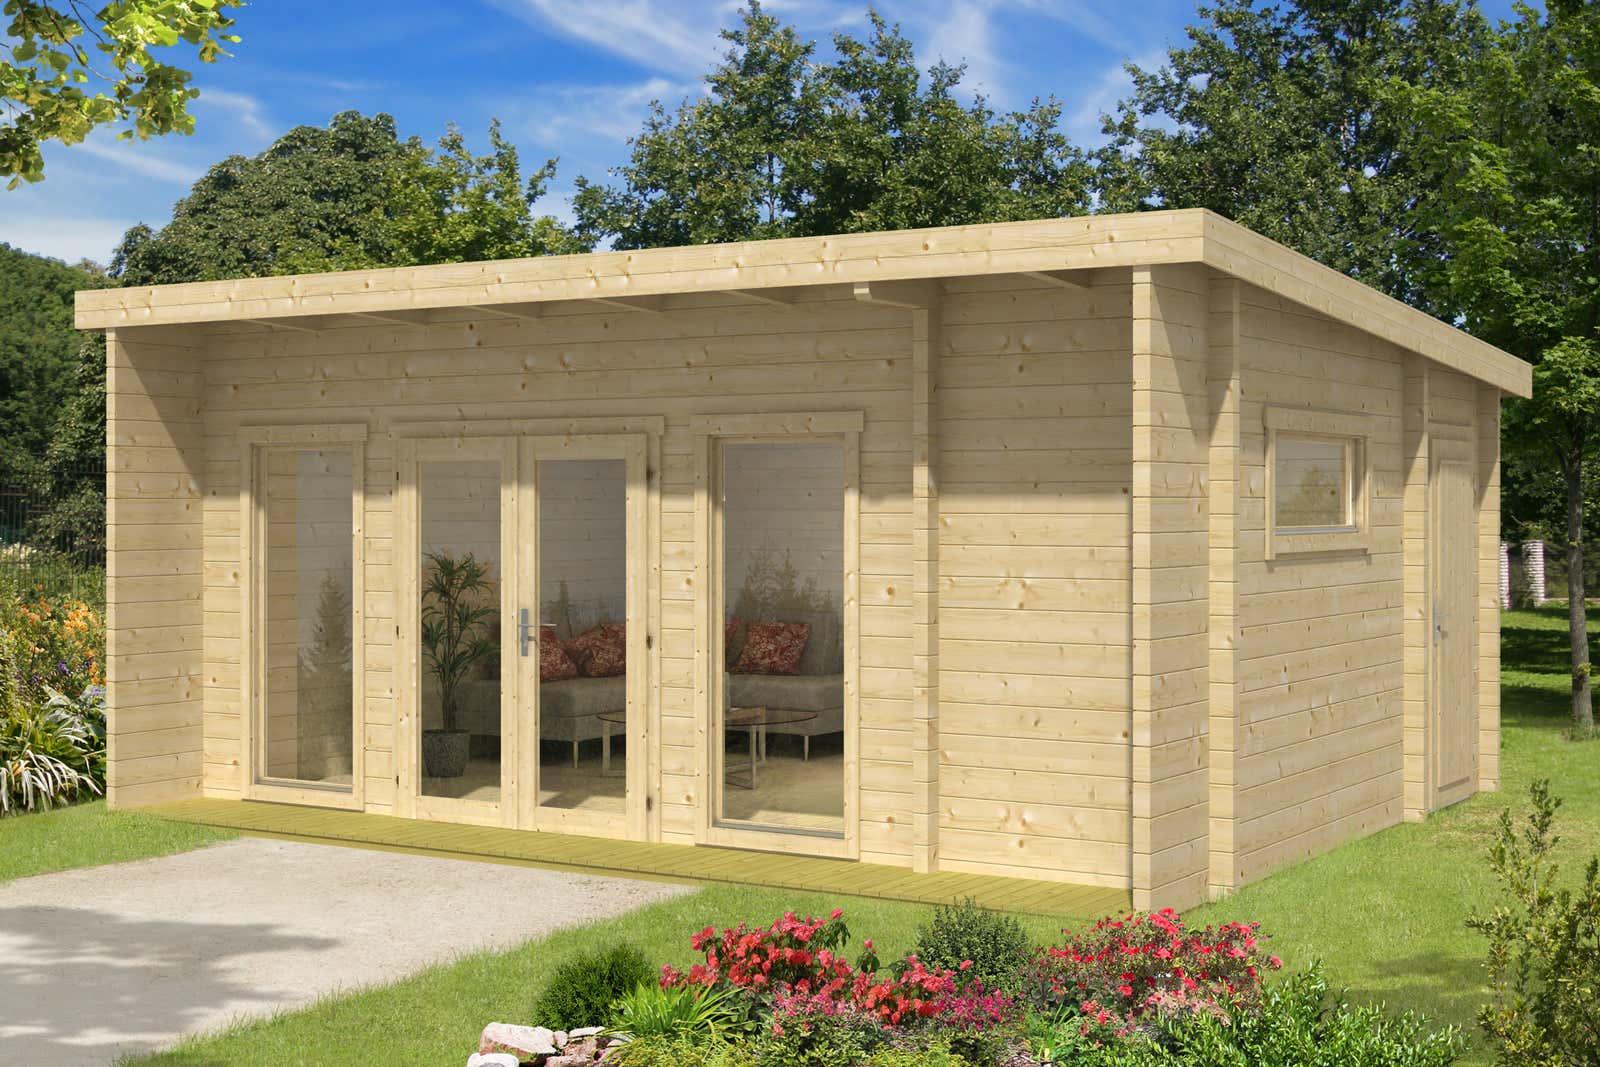 gartenhaus modell carla 70 iso gartenhaus modell carla 70 iso a z gartenhaus gmbh. Black Bedroom Furniture Sets. Home Design Ideas